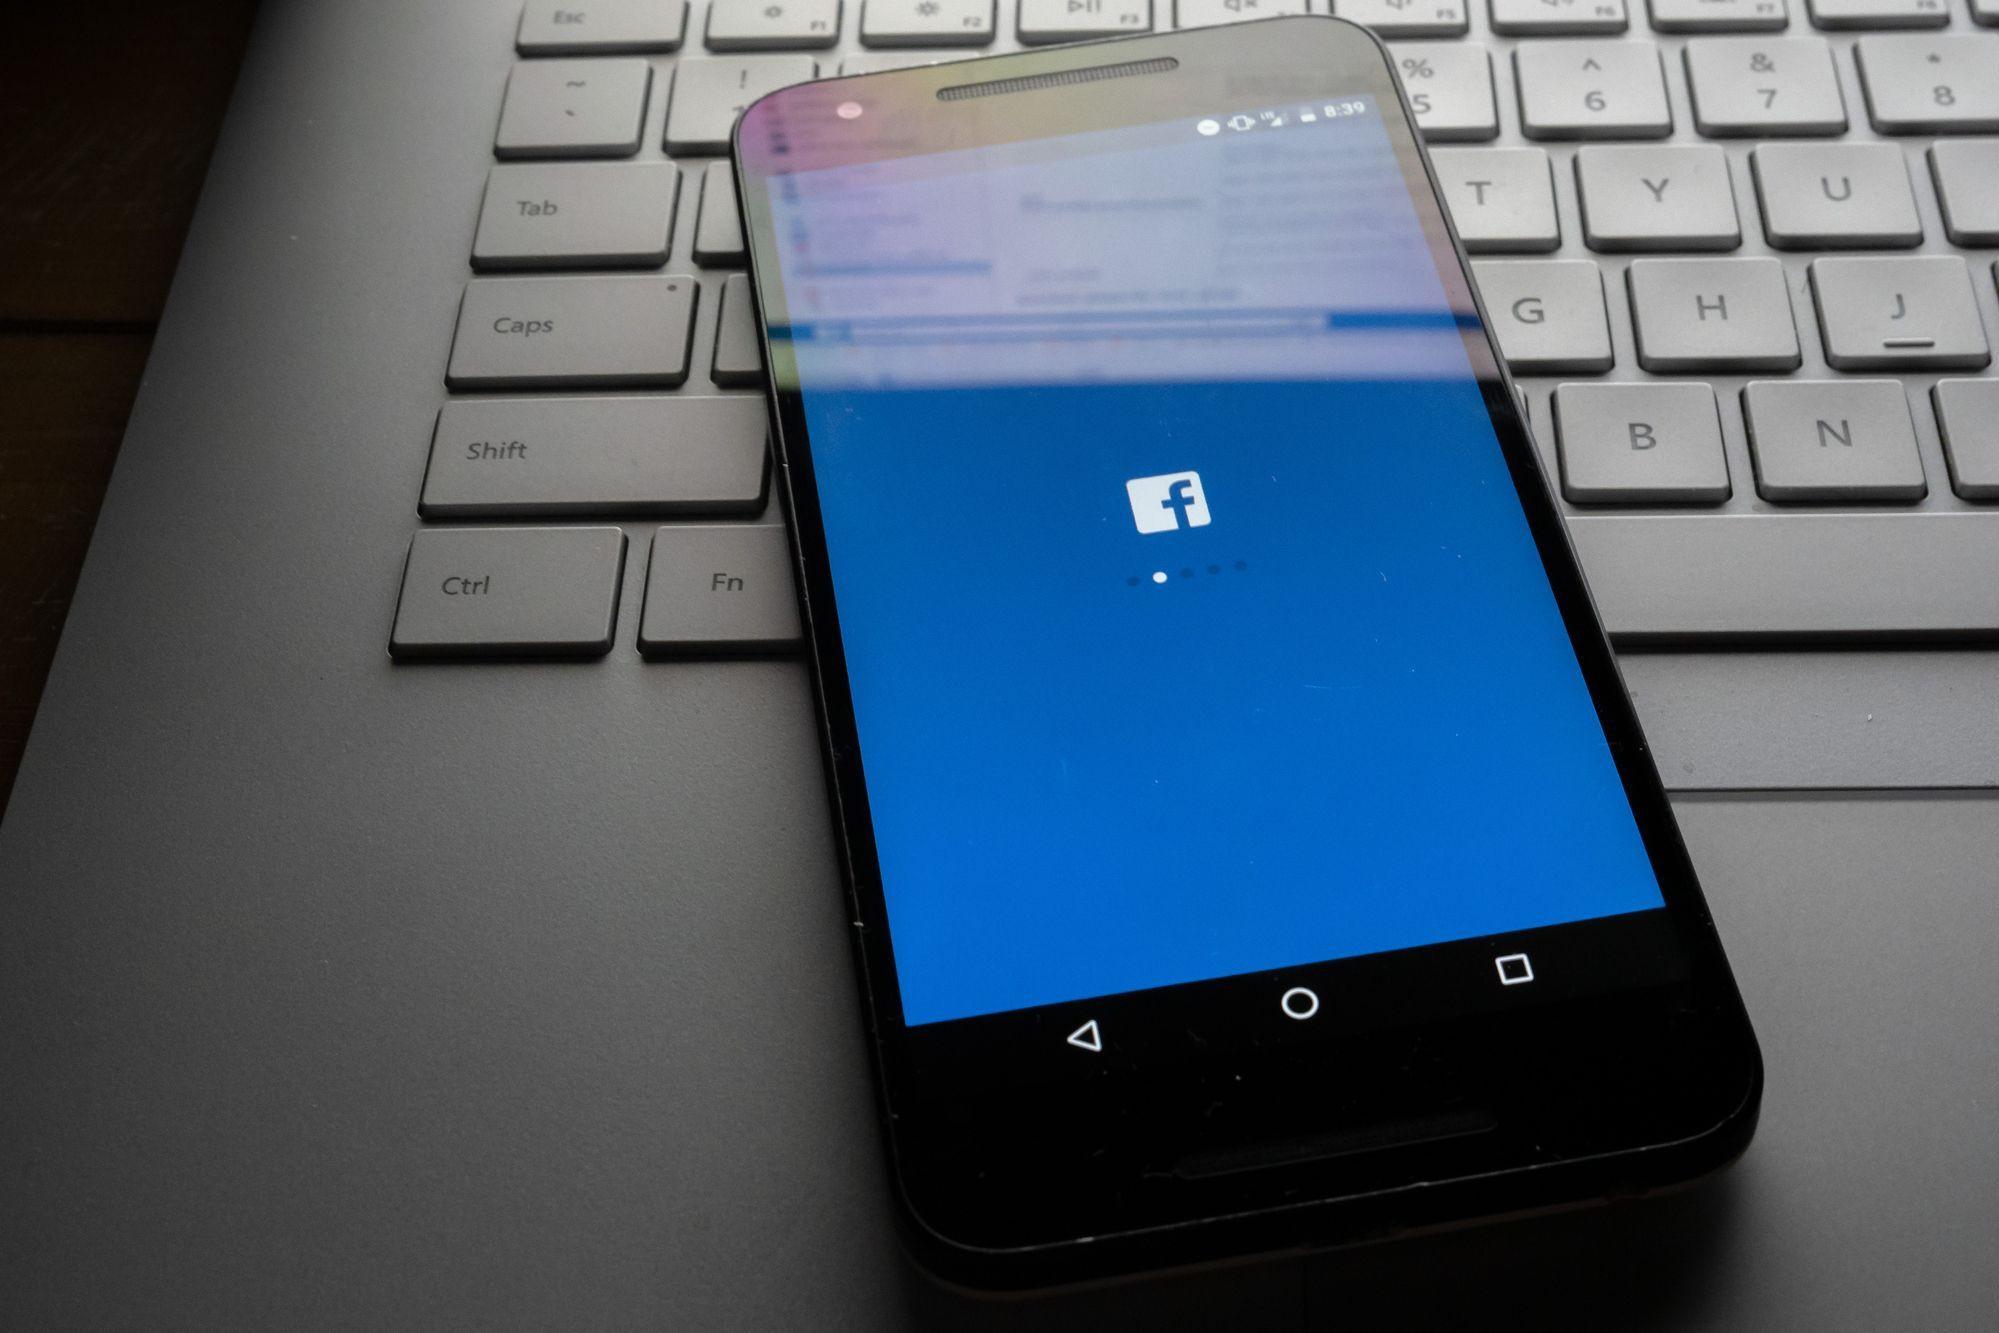 Contas de Facebook estão sendo vendidas na deep web